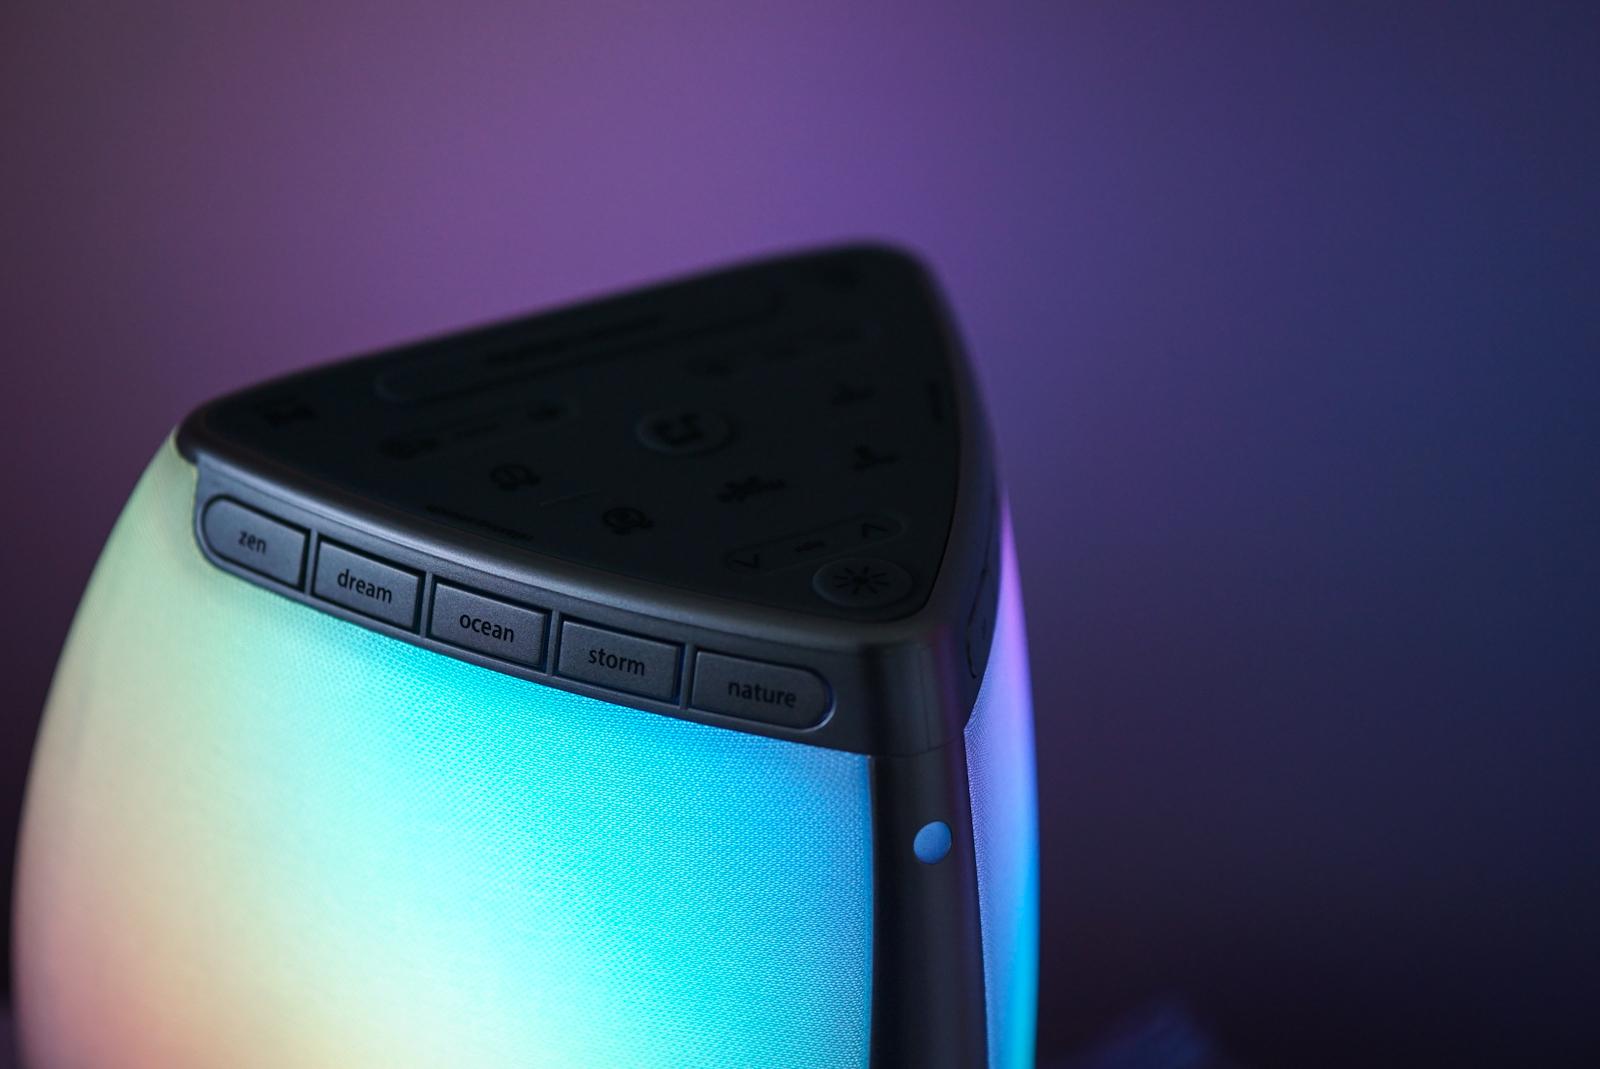 iHome Zenergy Bedside Sleep Therapy light settings